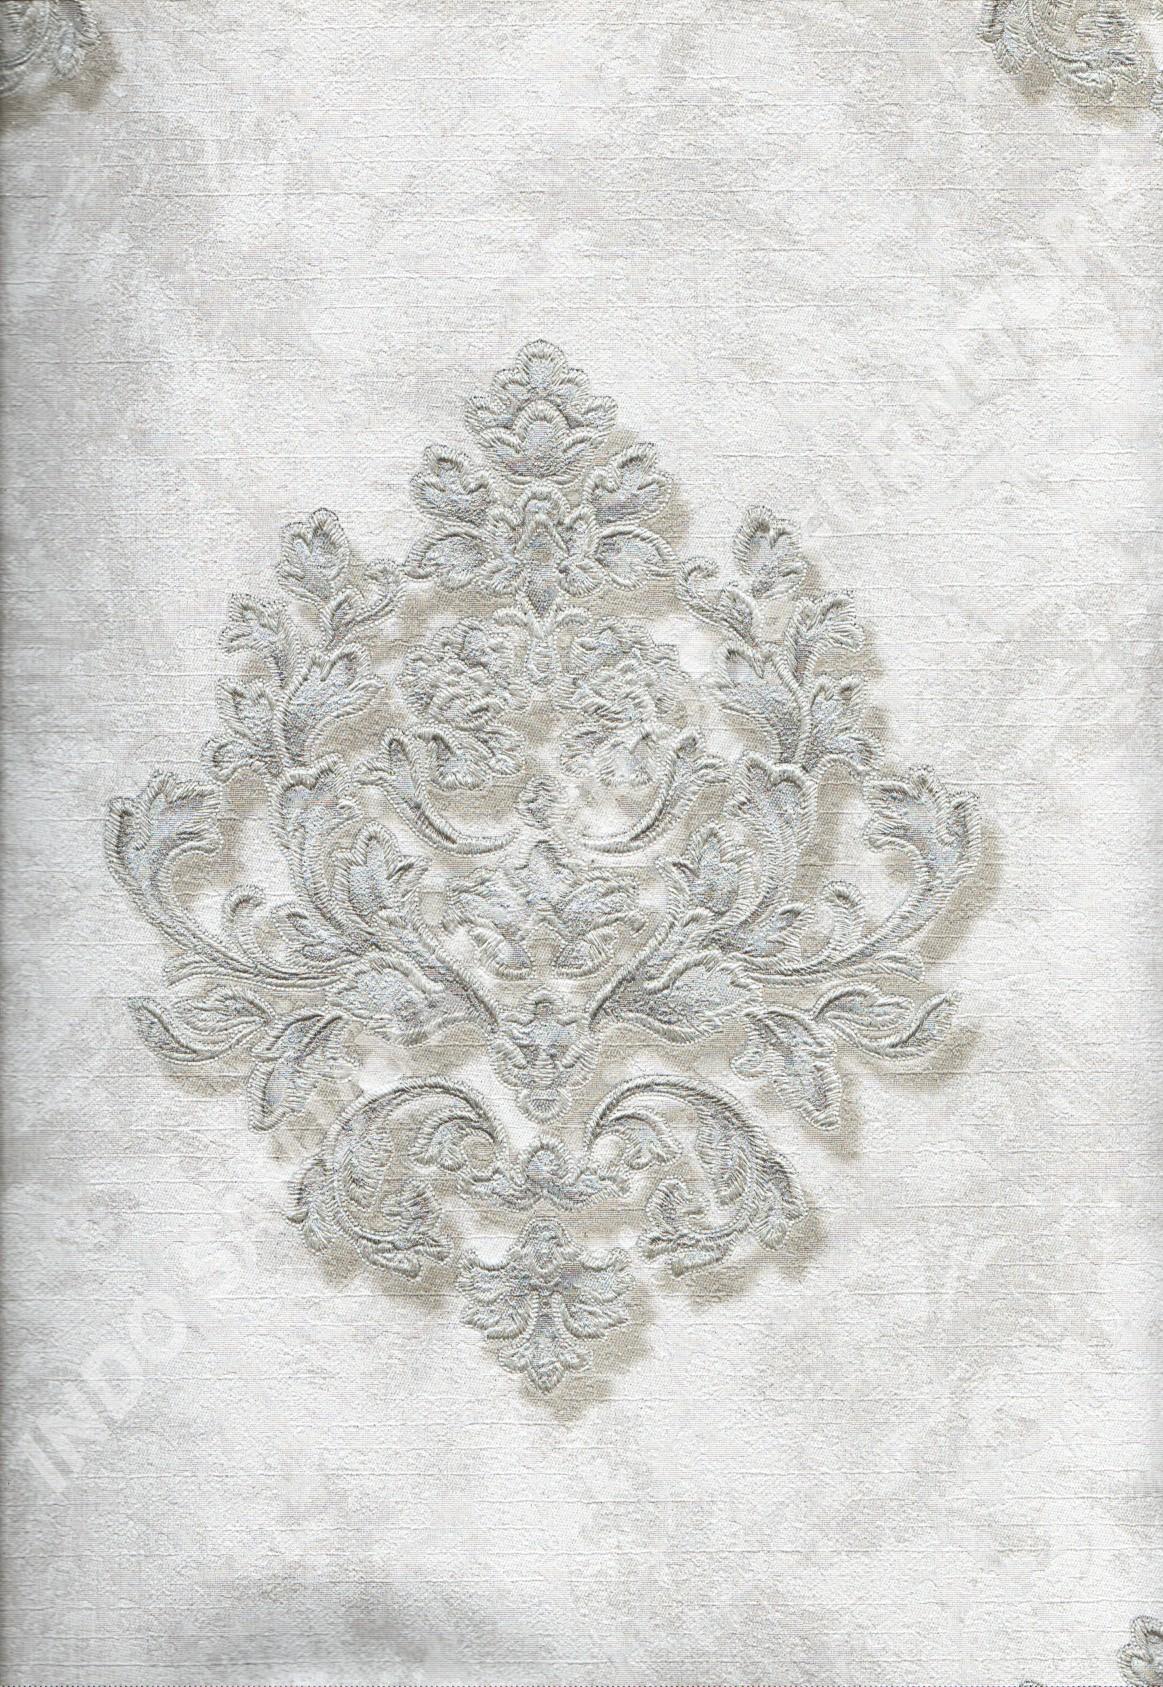 wallpaper   Wallpaper Klasik Batik (Damask) 81083-1:81083-1 corak  warna